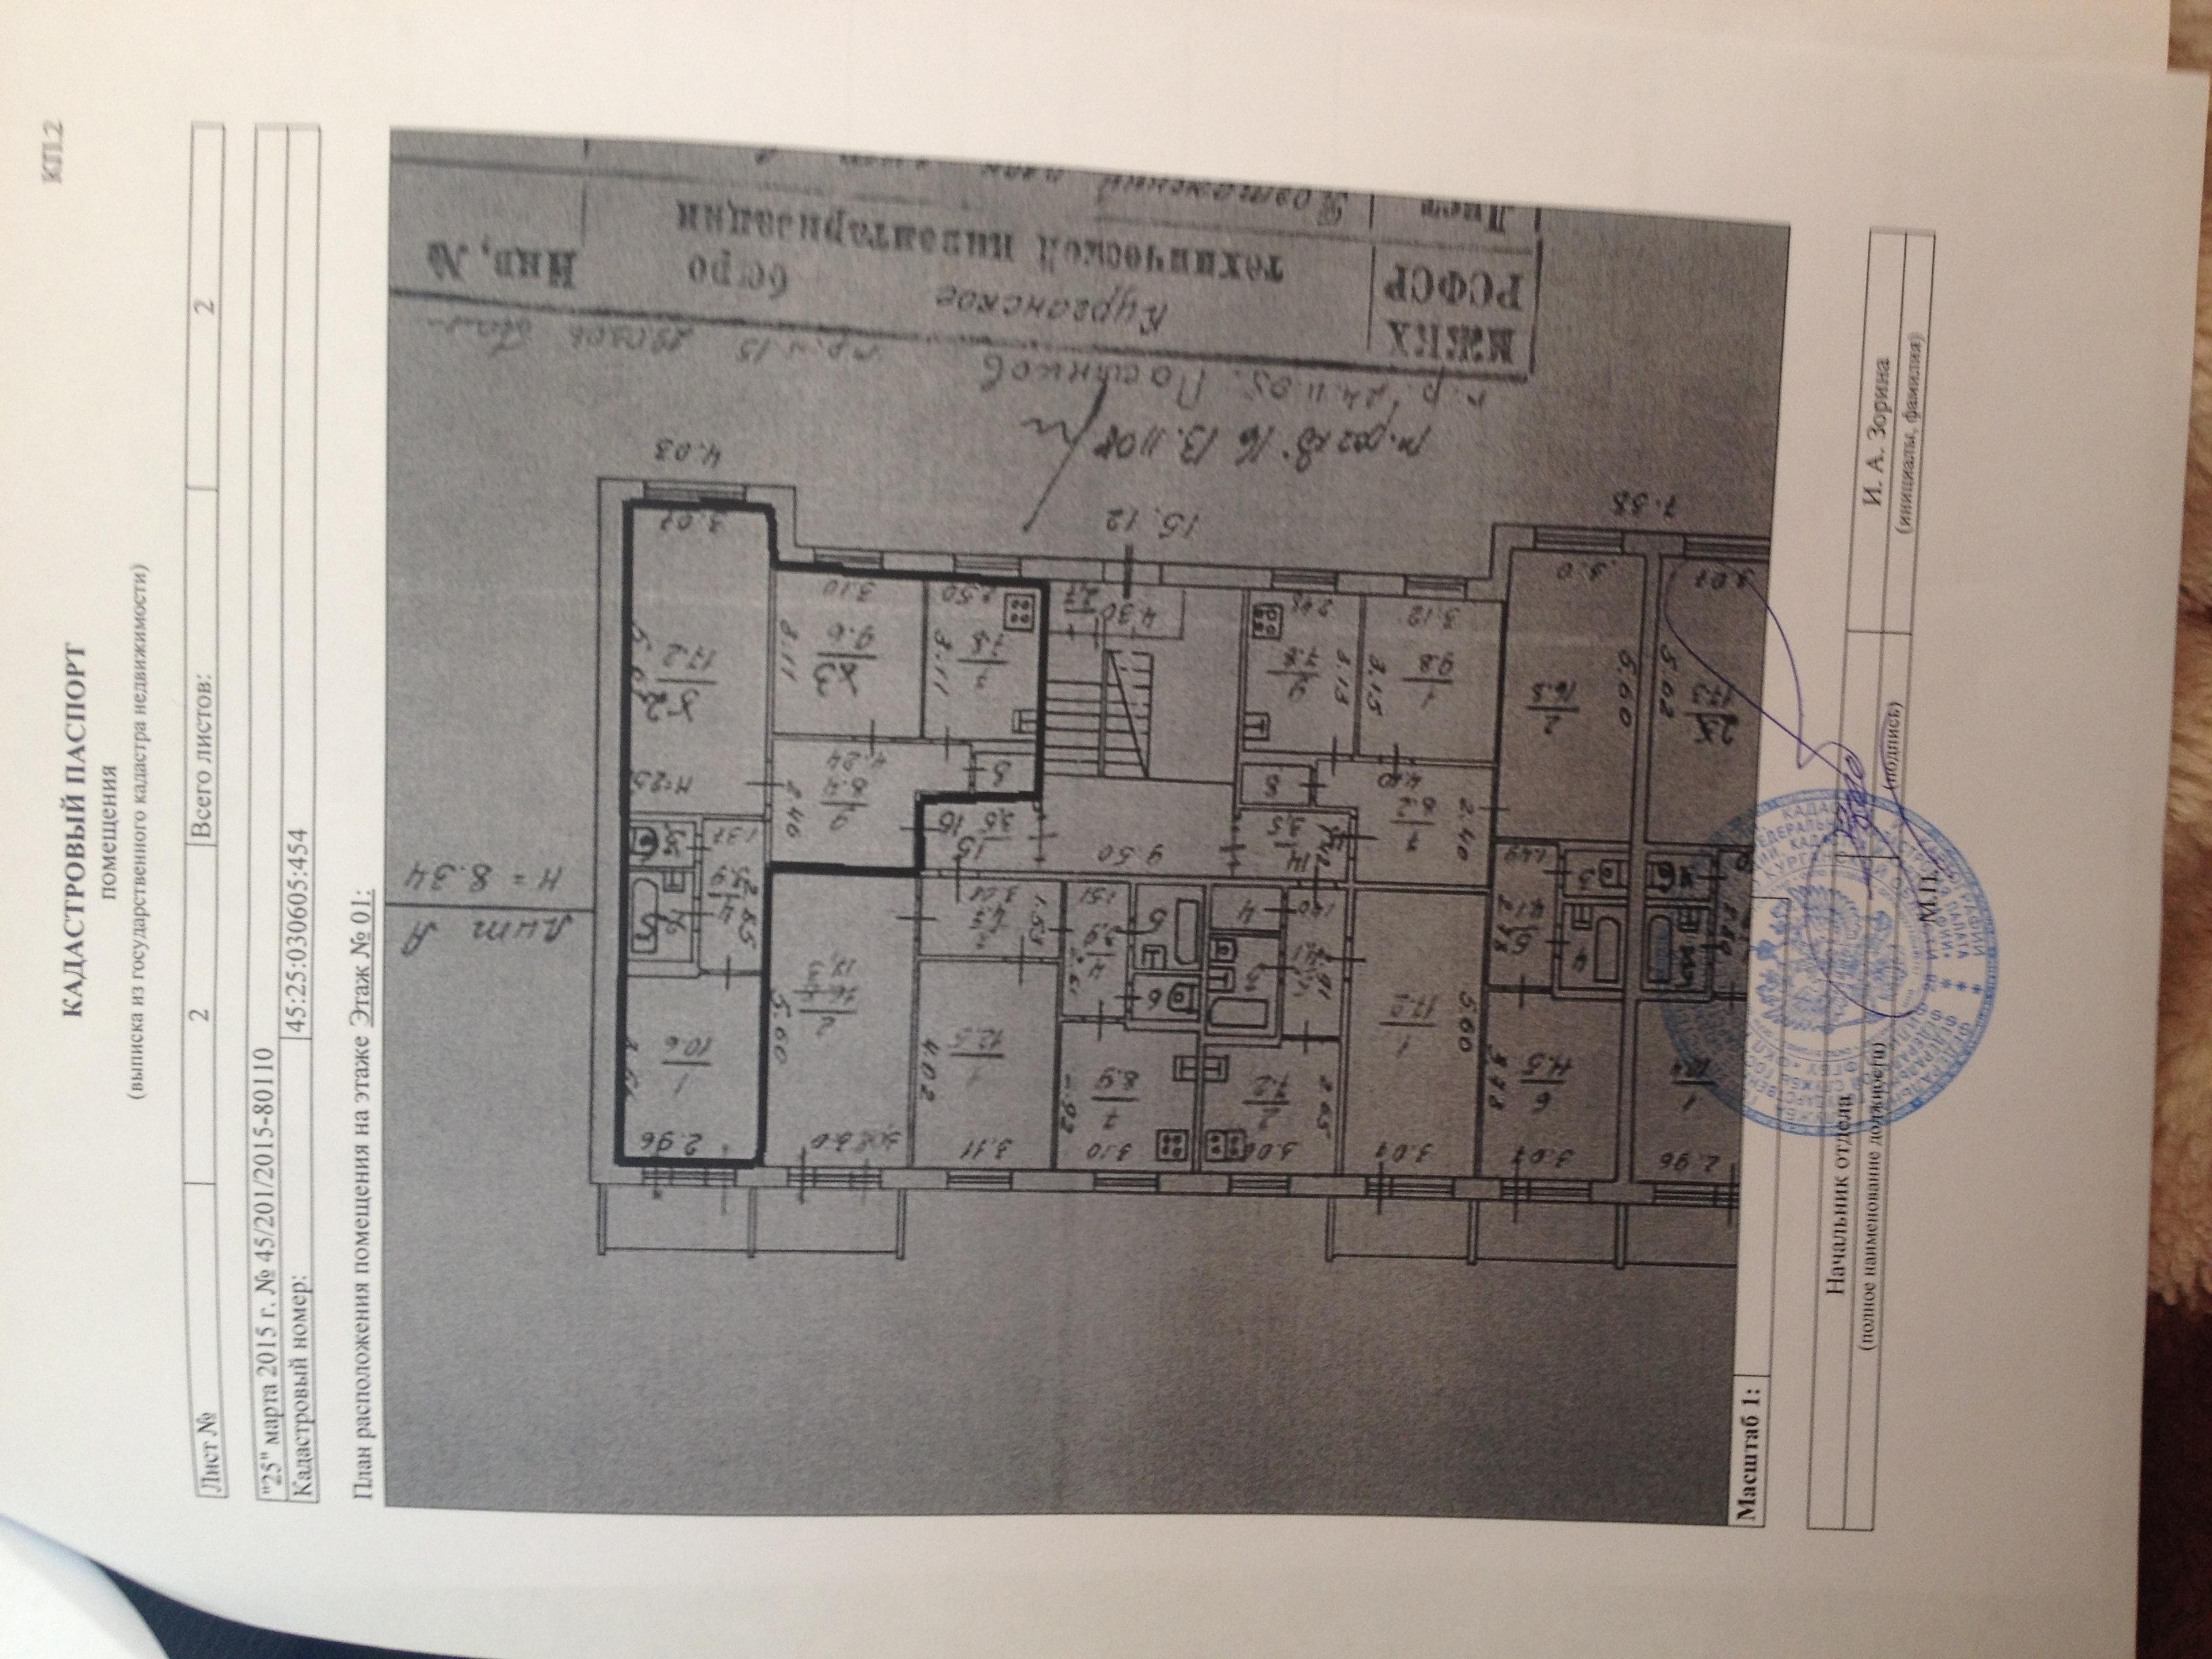 1-464Д-83 (отред. адм.) Помогите определить серию дома